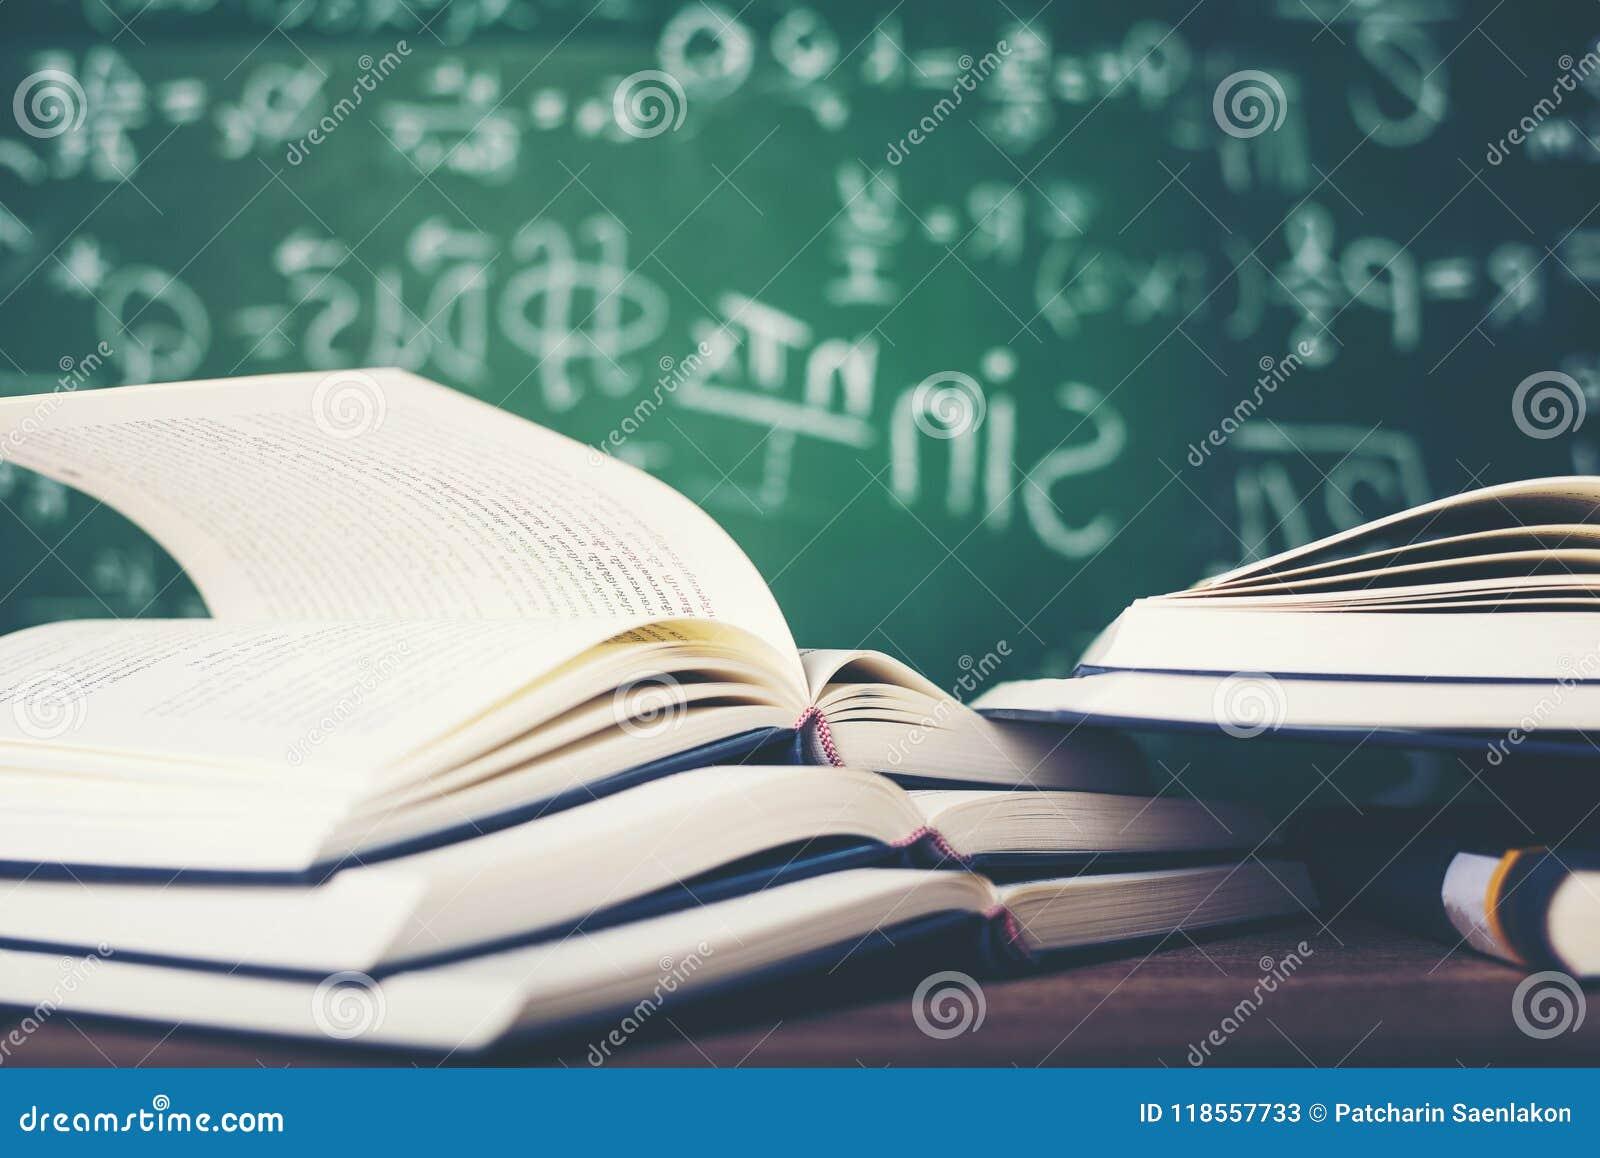 Bestuderend boeken en scholingsmateriaal